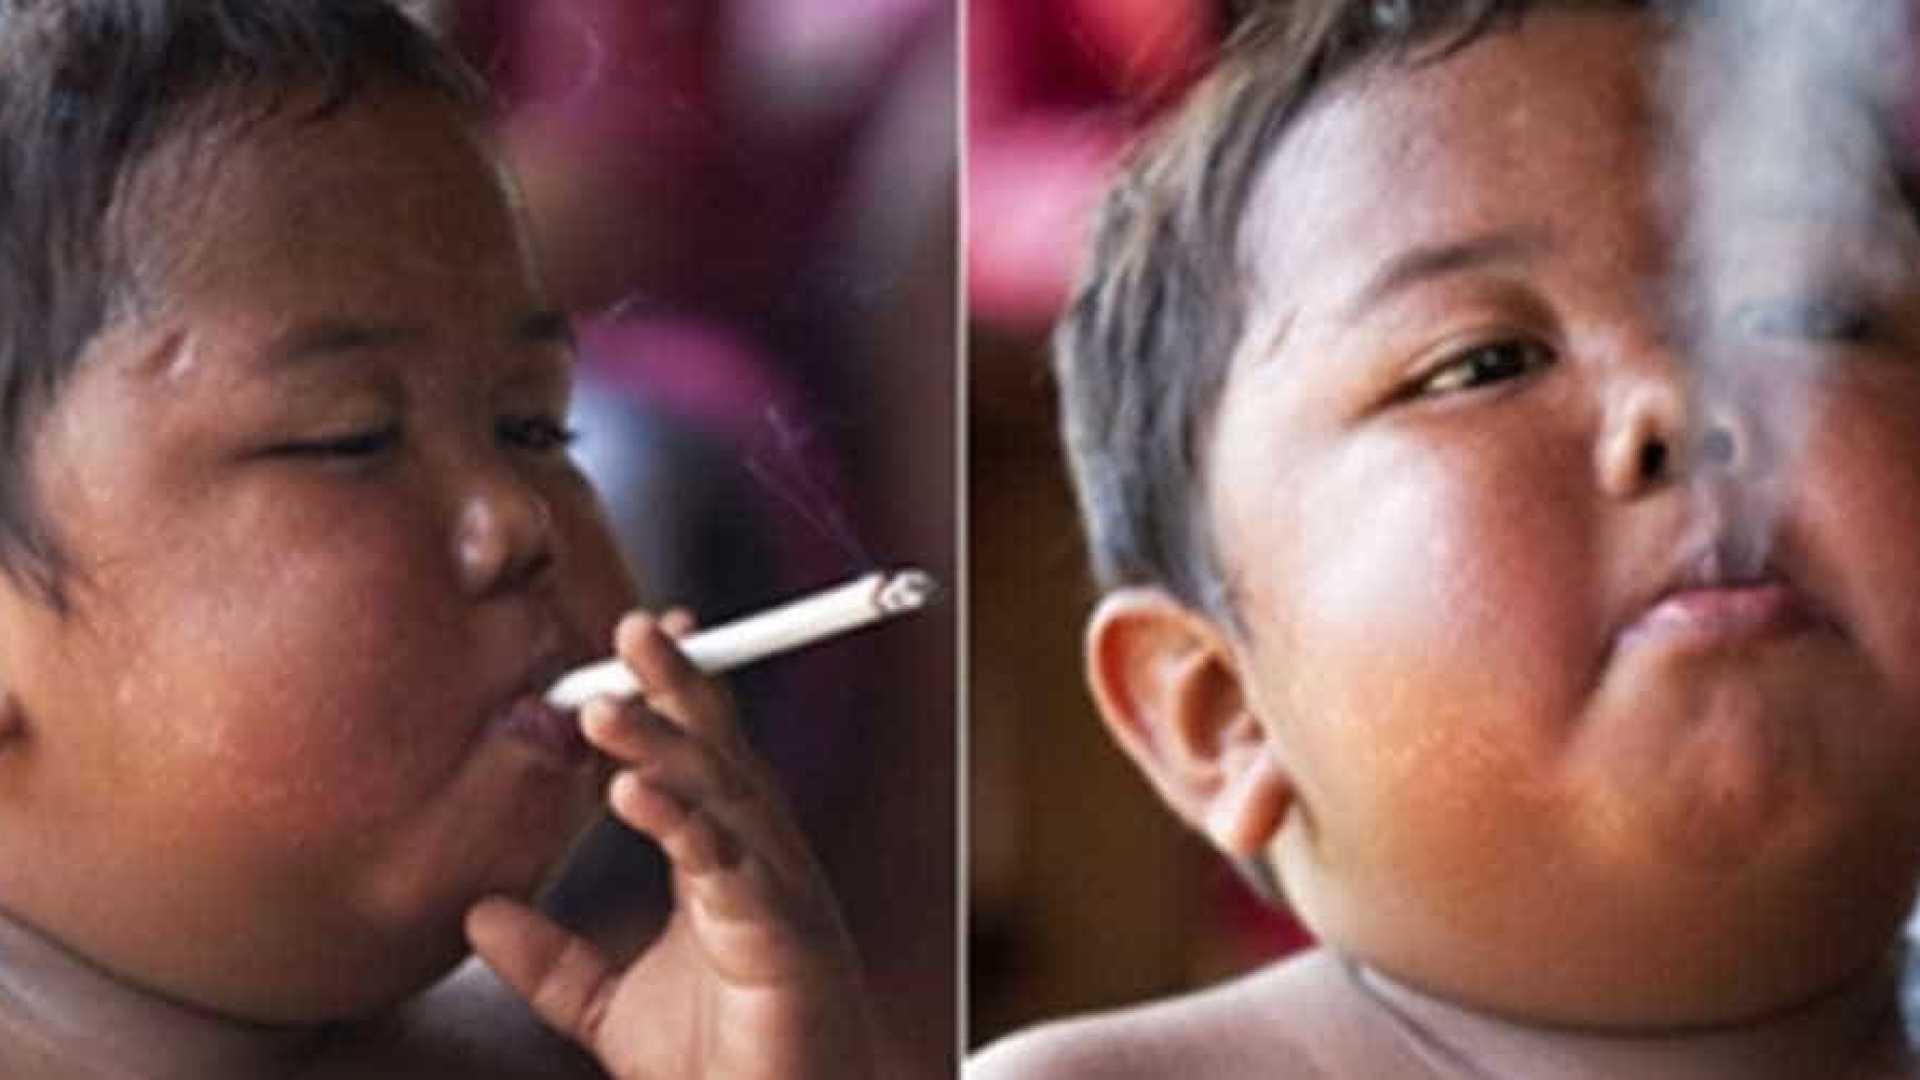 naom 5af00833d936c 1 - Você lembra do bebê fumante da Indonésia? Veja como ele está